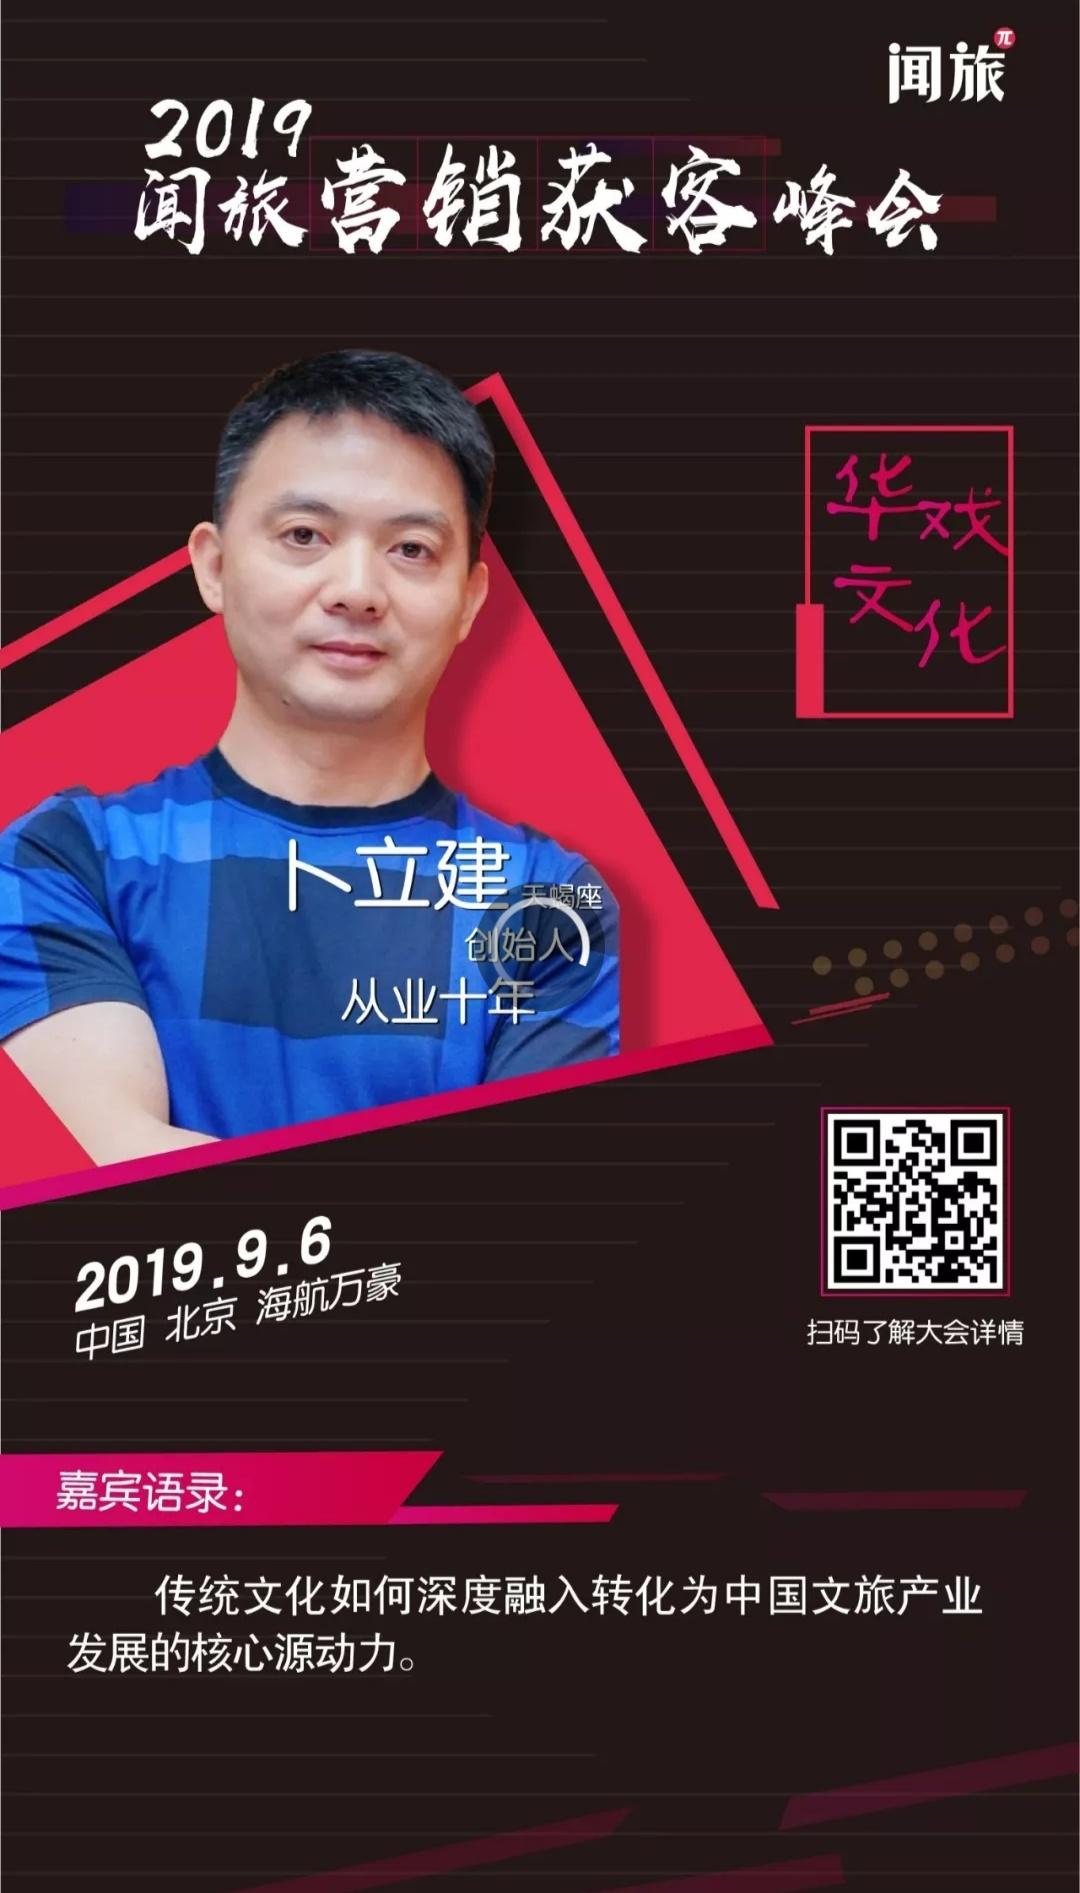 Screenshot_2019-08-02-20-48-40-648_com.tencent.mm.png